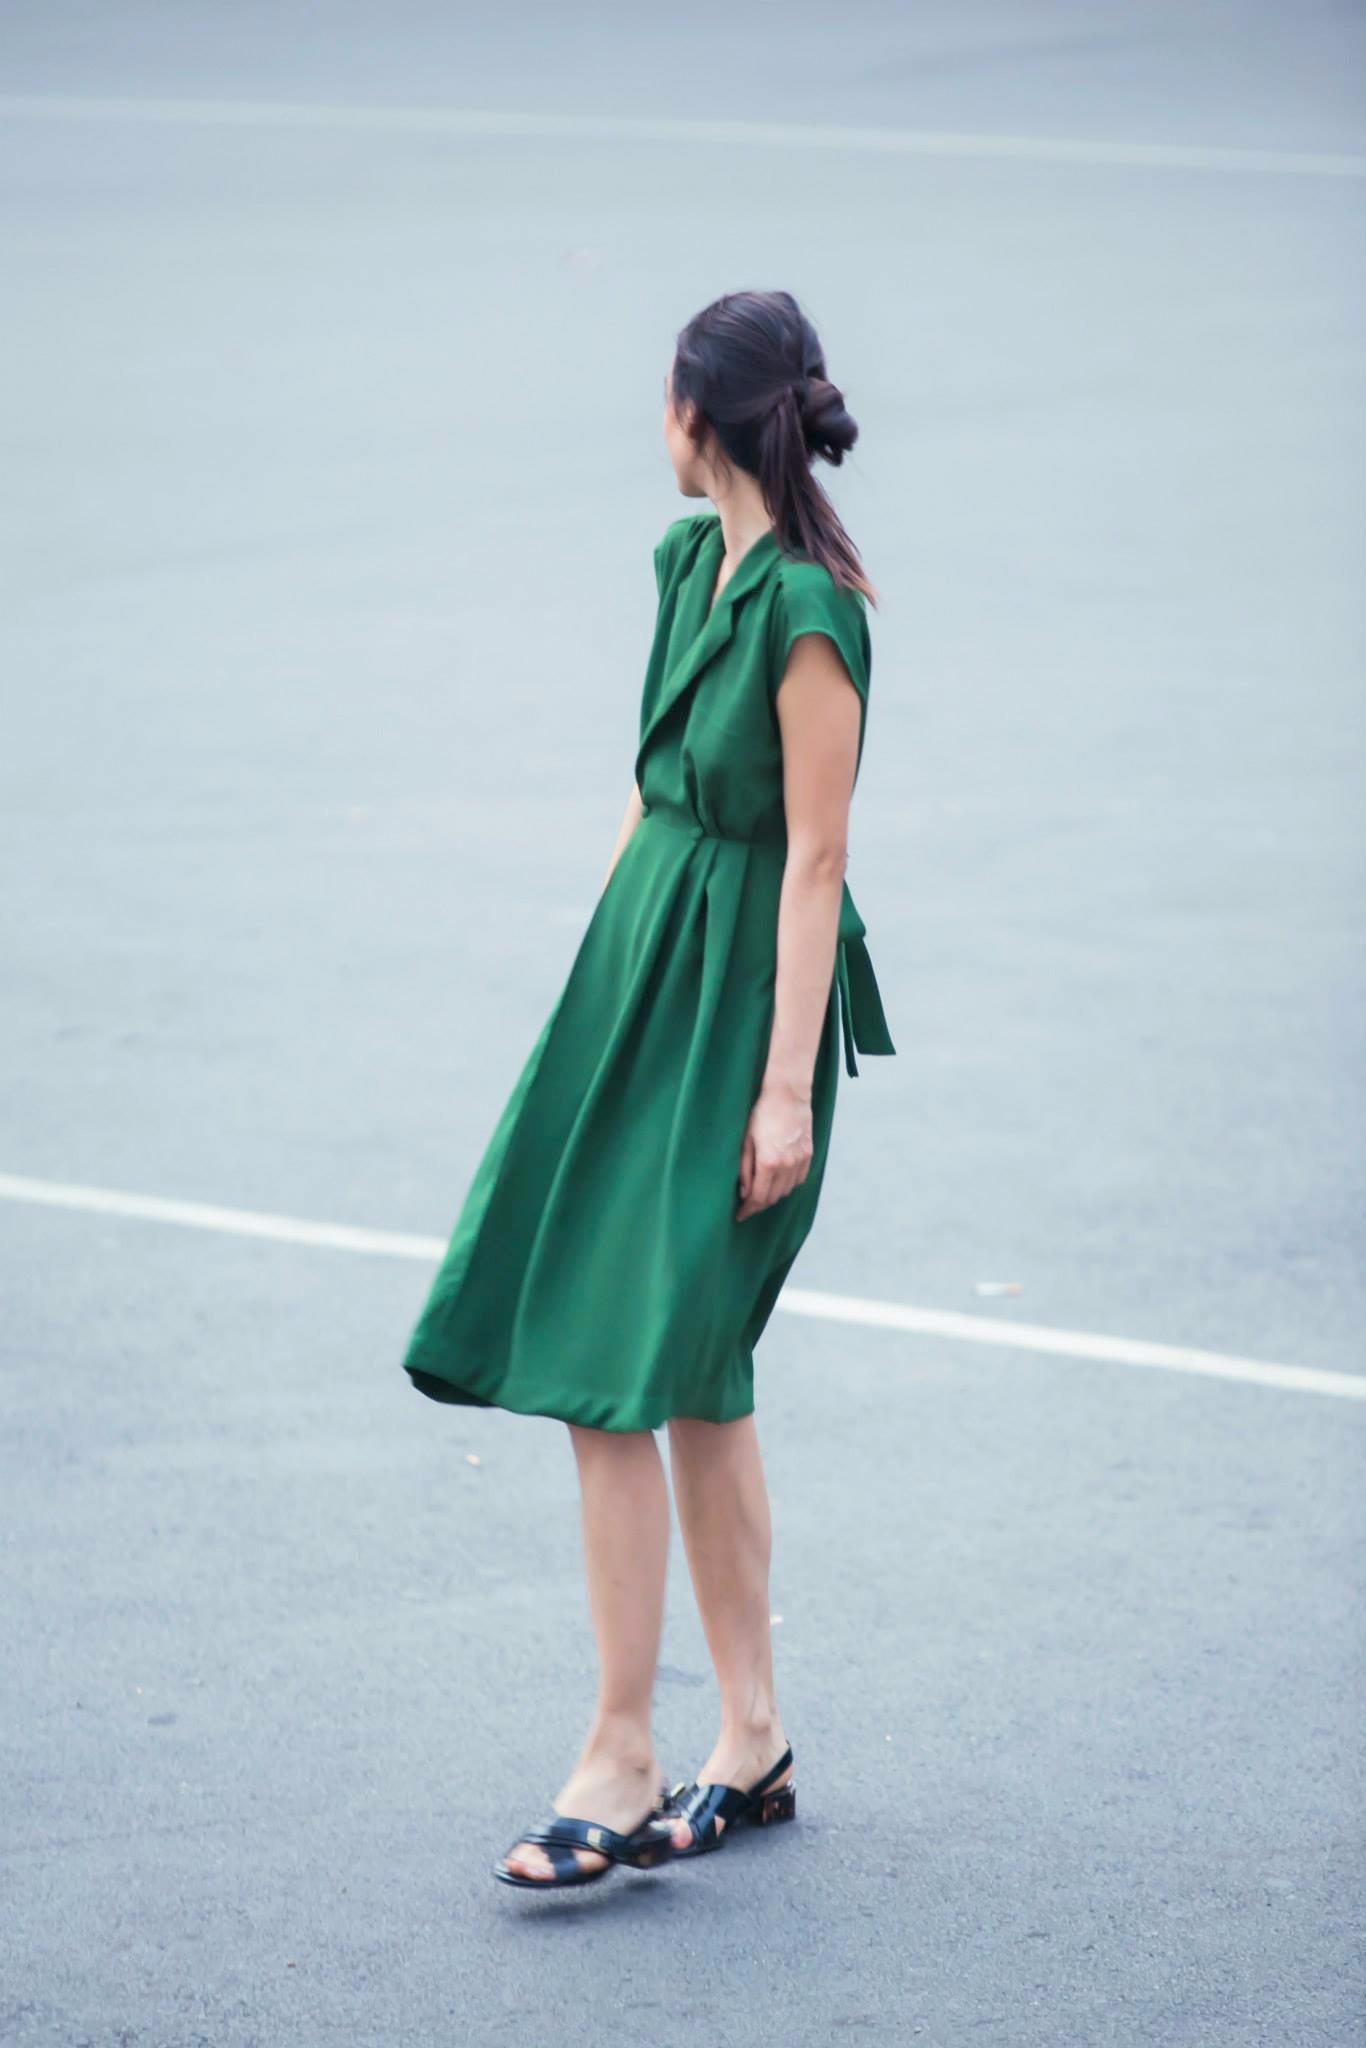 Cách chọn giày theo kiểu váy cực chuẩn 7